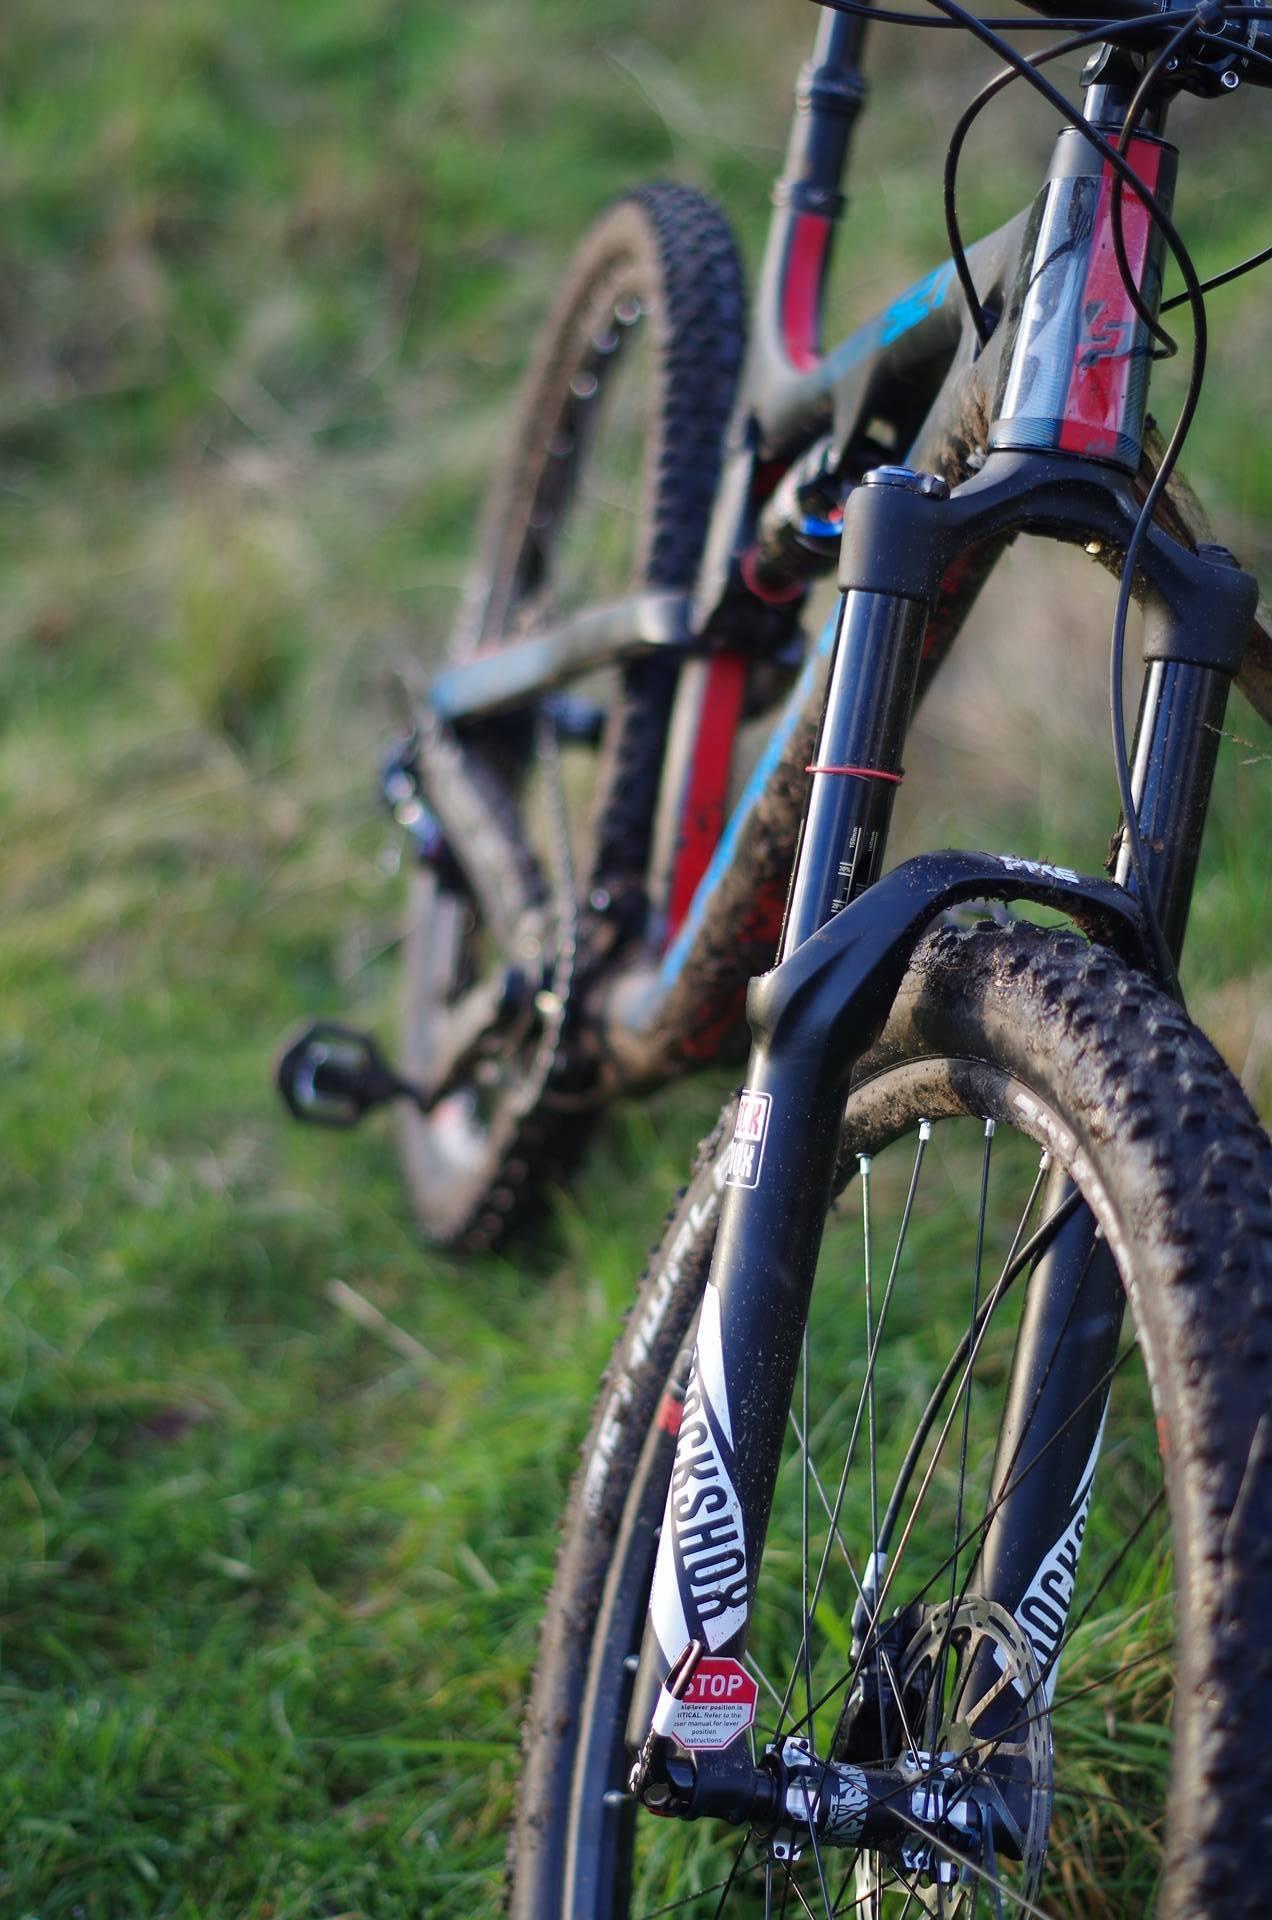 80+ Gambar Sepeda Gunung Off Road Terbaik